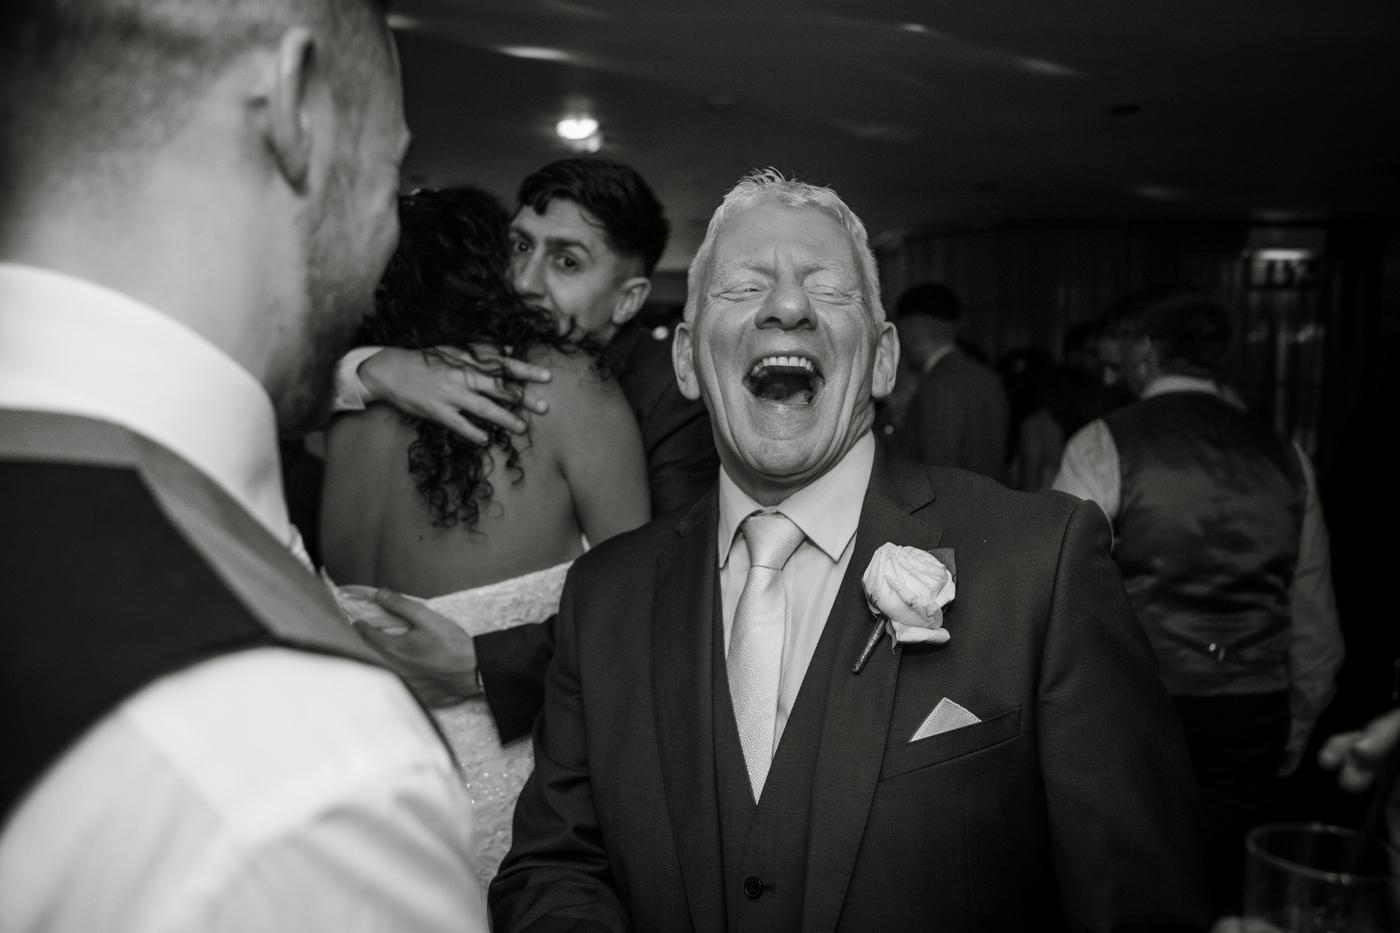 Legg-Wedding-0016.jpg